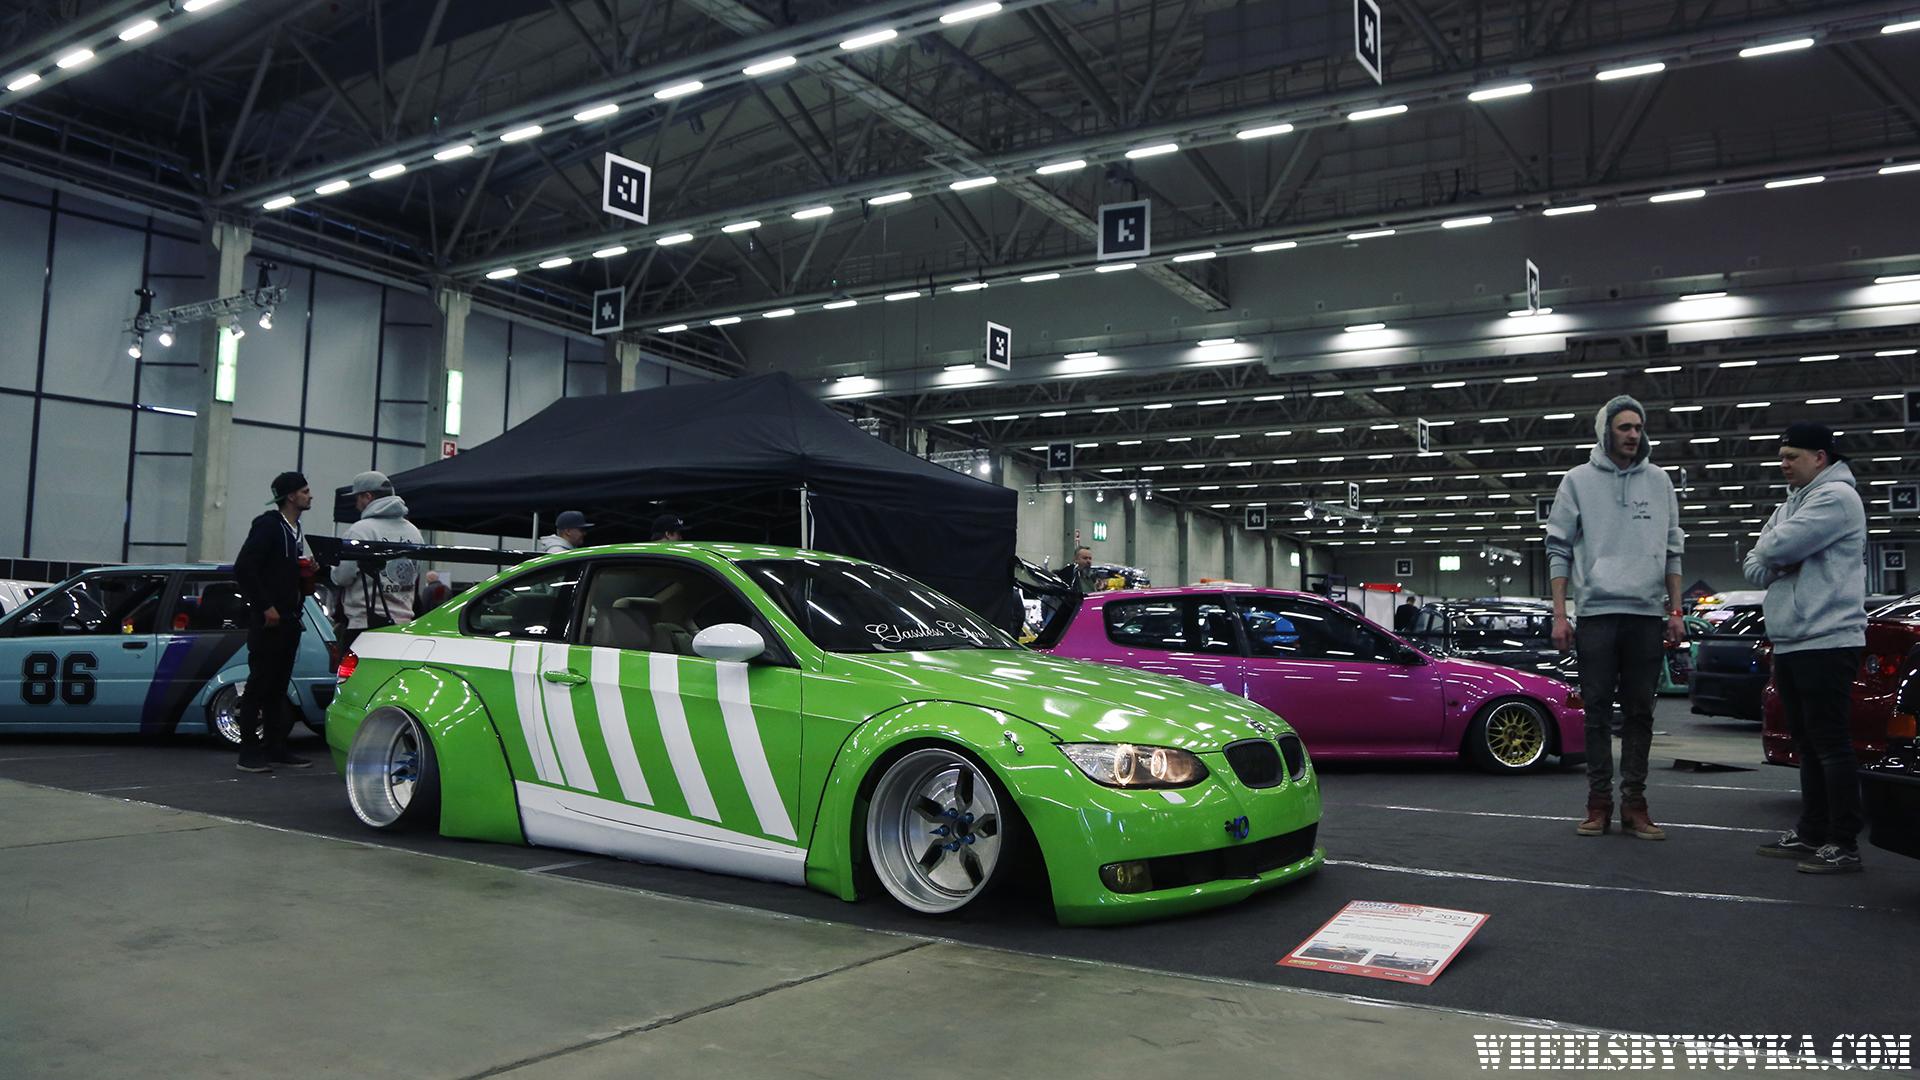 american-car-show-2018-helsinki-by-wheelsbywovka-23